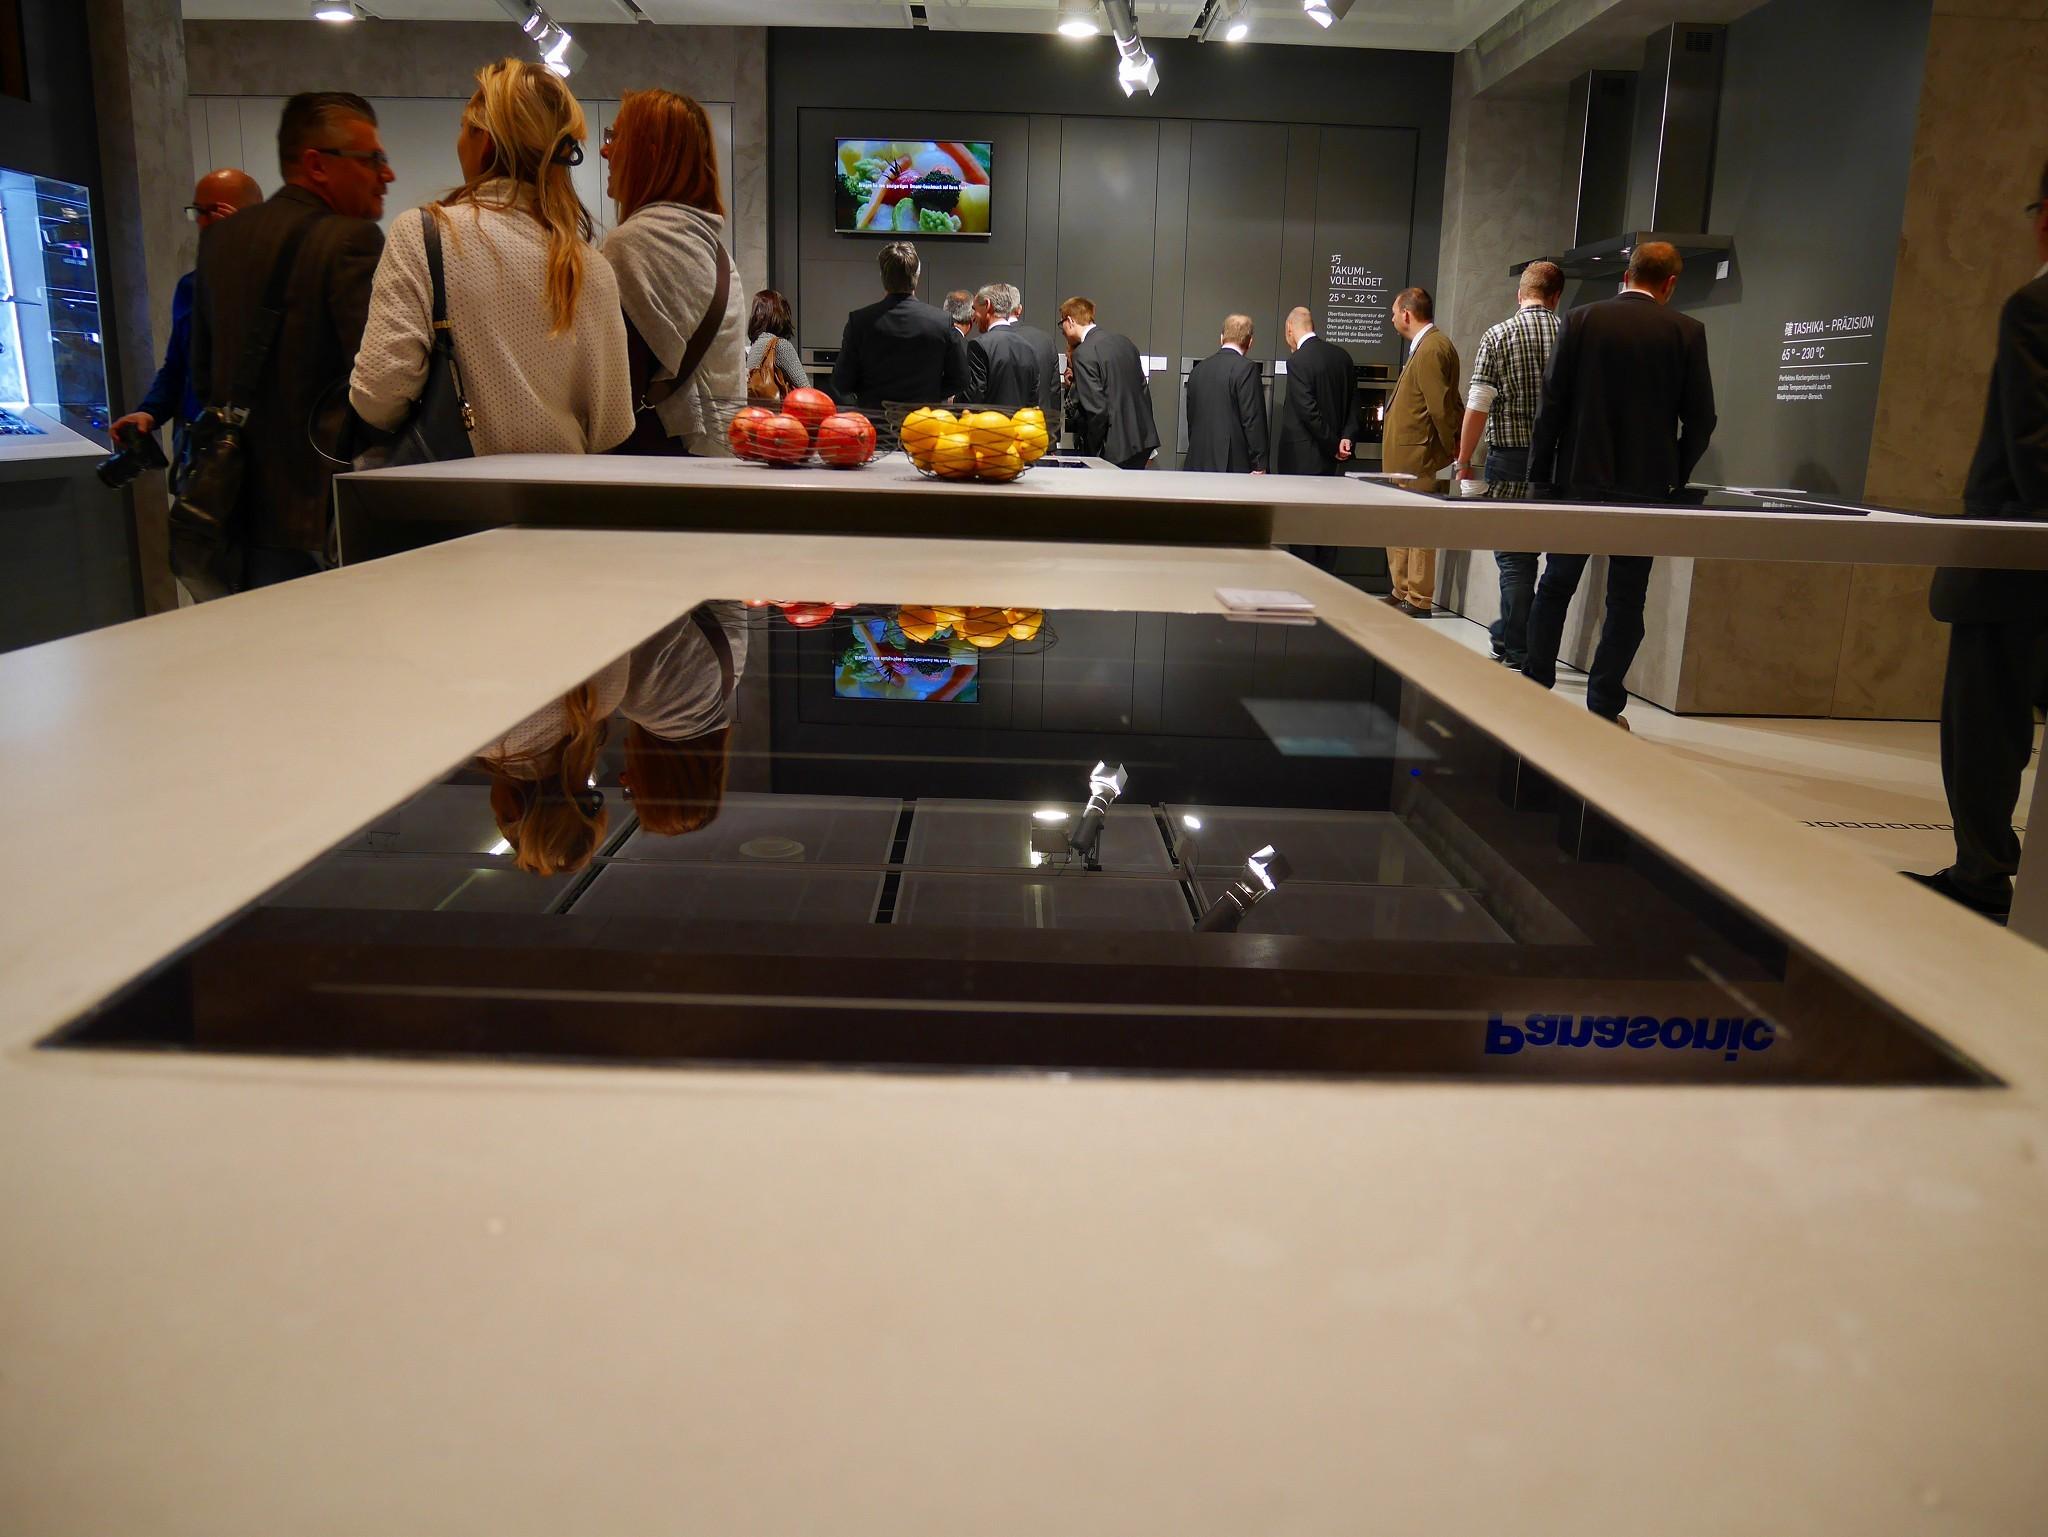 Neue Panasonic Kucheneinbaugerate Bei Livingkitchen Panasonic